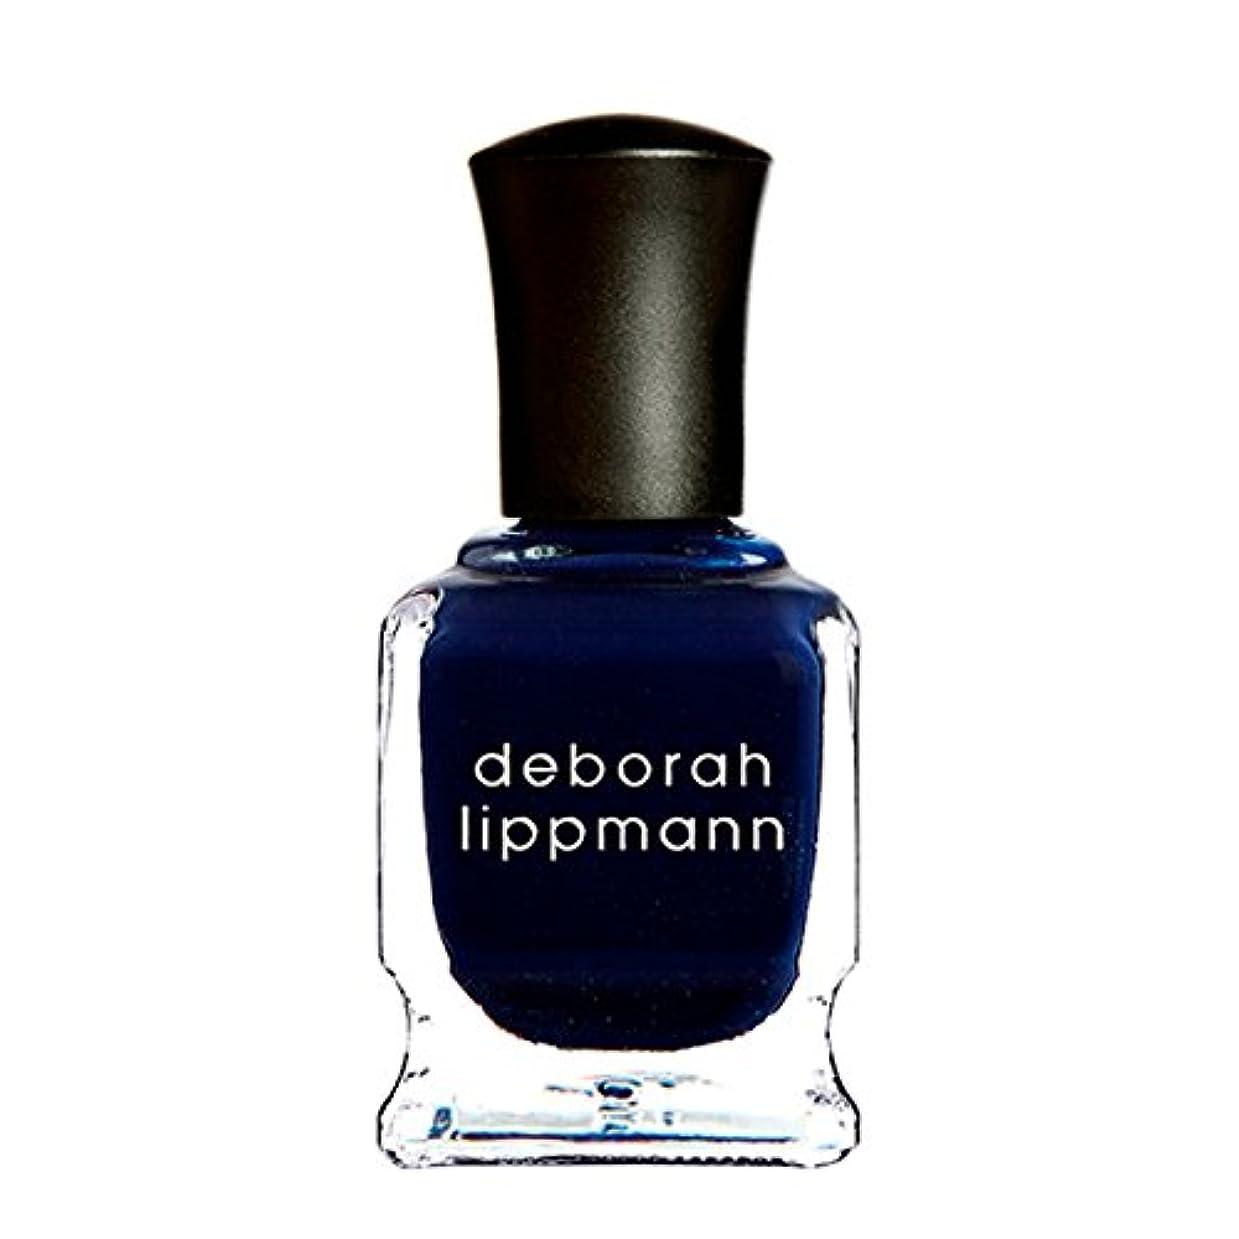 無しあご飢えた[Deborah Lippmann] [ デボラリップマン] ローリングインザディープ (Rolling in the Deep) 色:ミッドナイトブルー ネイルカラー系統:ブルー 15mL